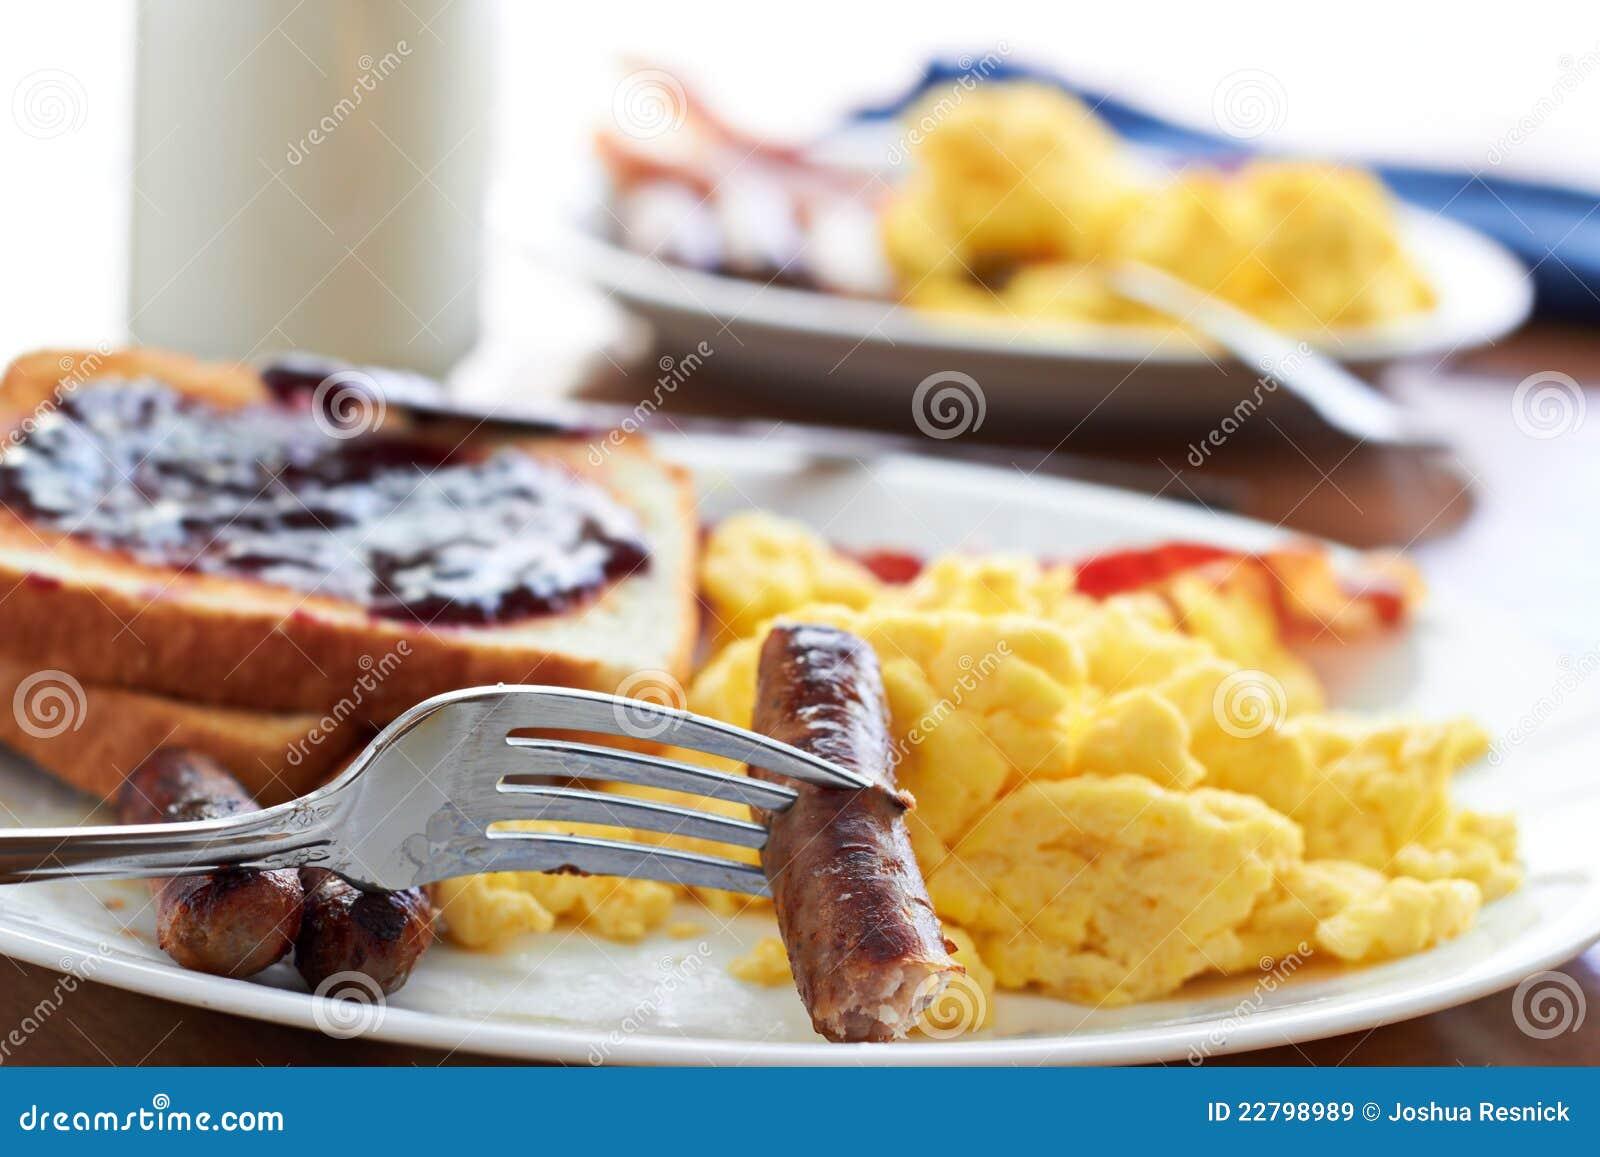 Πρόγευμα με τις συνδέσεις λουκάνικων και τα ανακατωμένα αυγά.